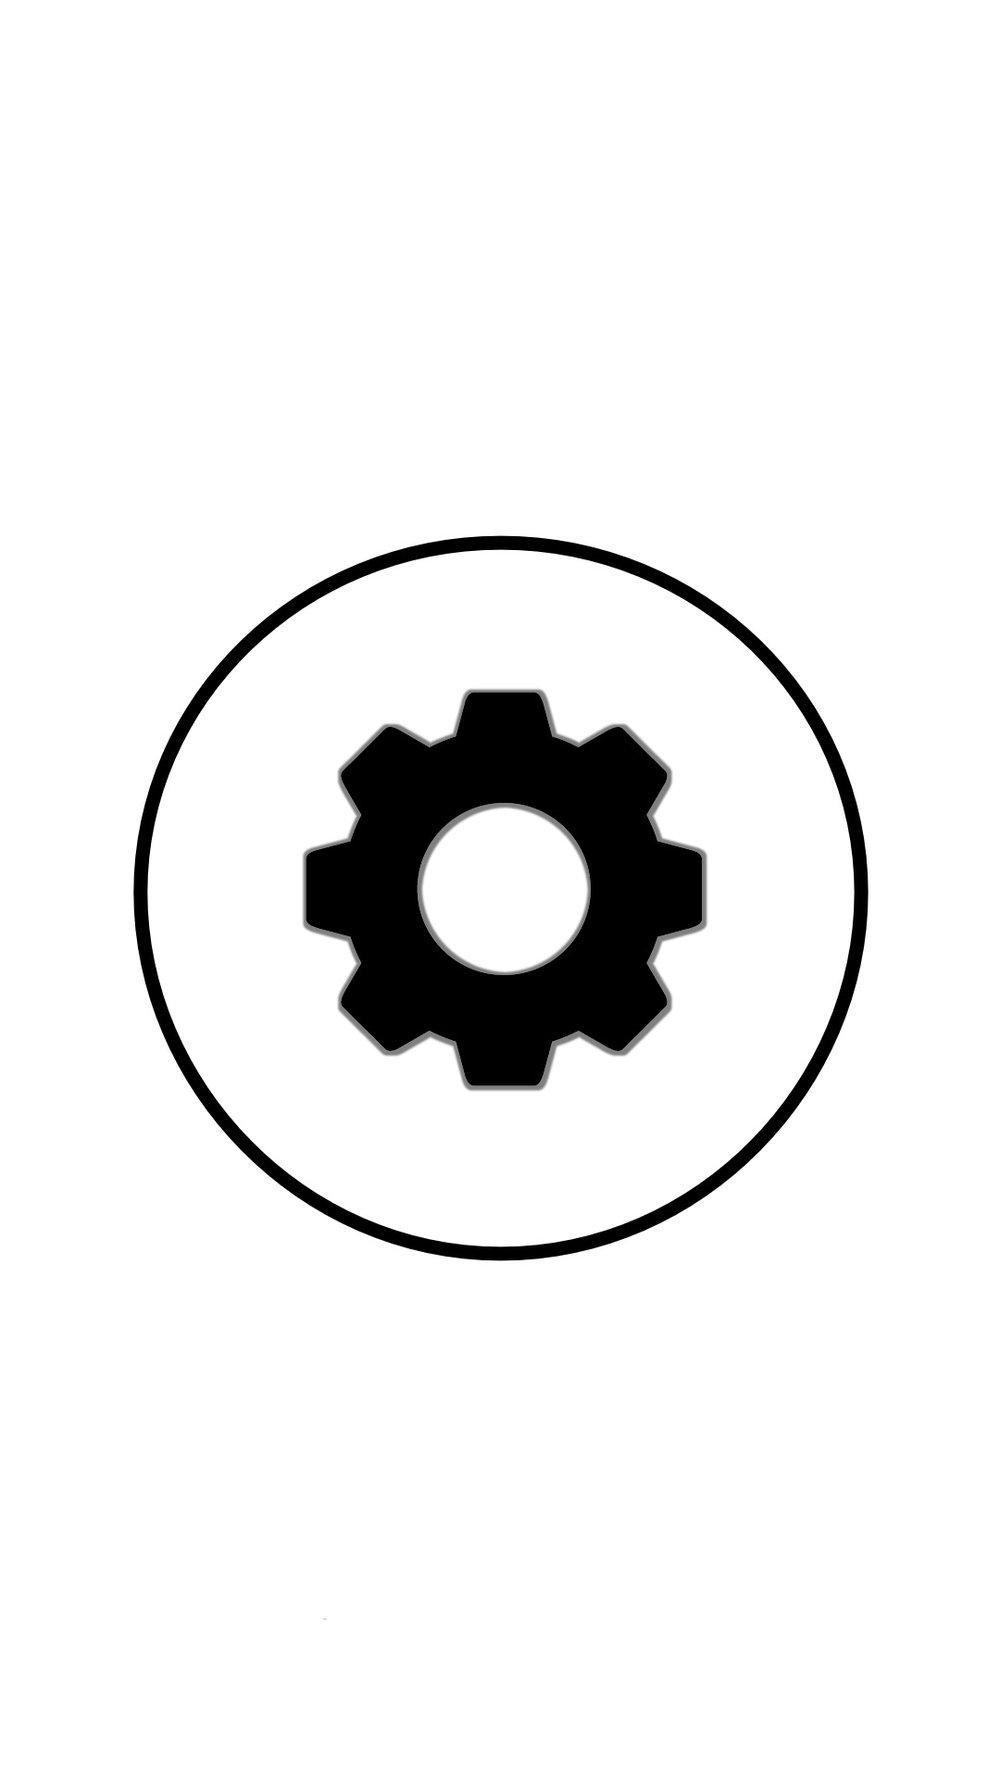 Instagram-cover-tool-blackwhite-lotnotes.com.jpg